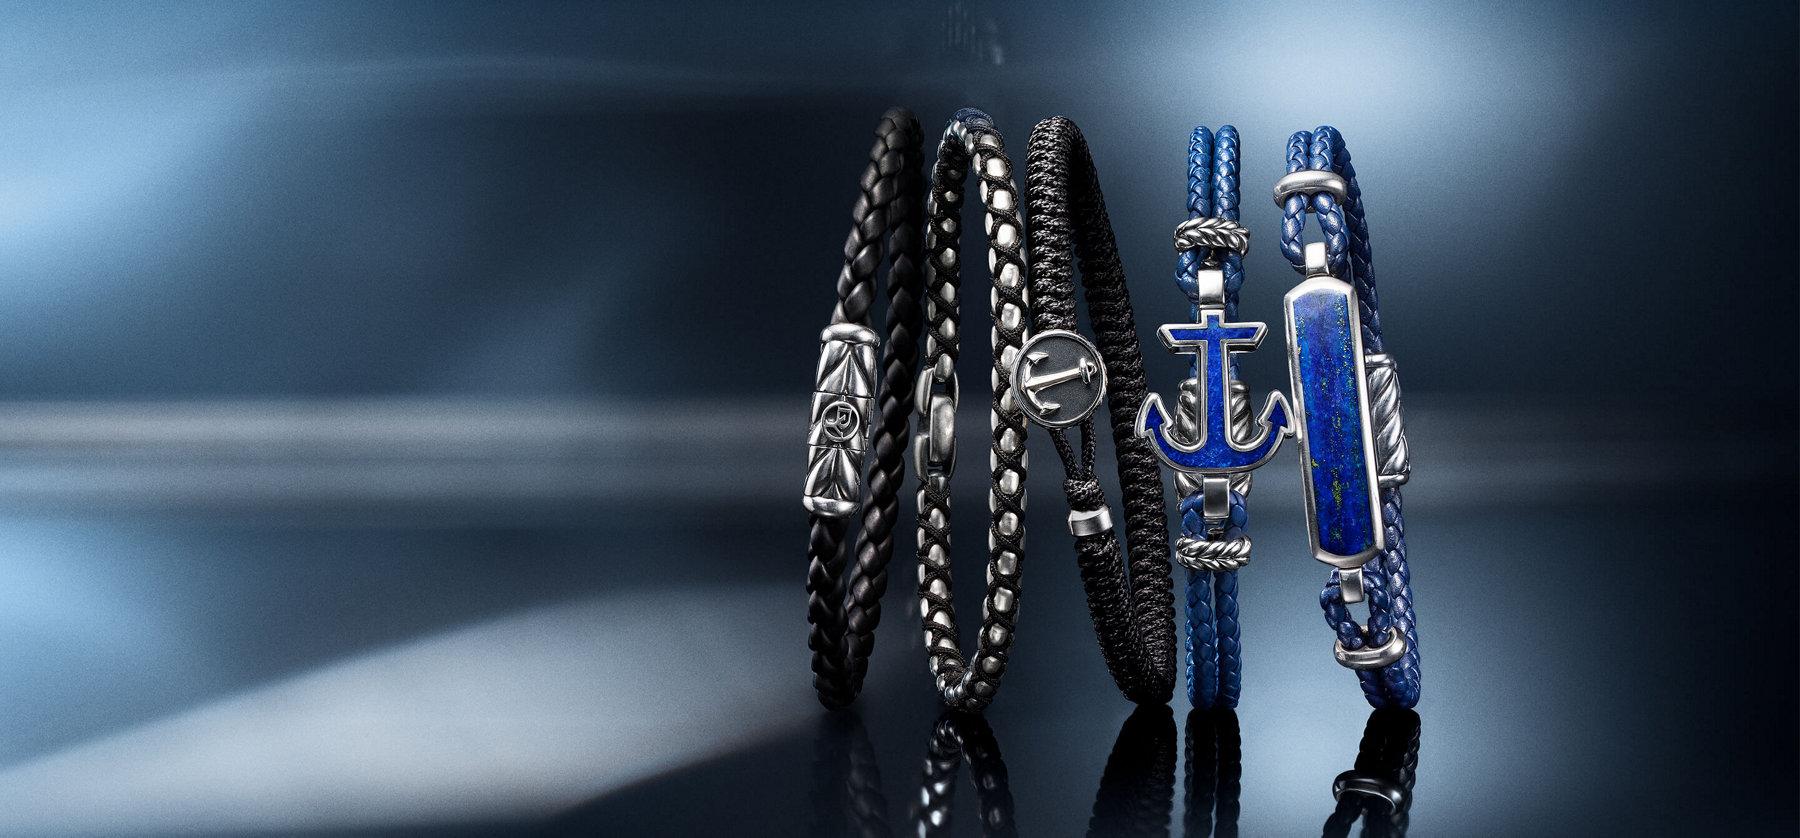 一排水平放置的David YurmanChevron、Chain、Maritime®和Exotic Stone男士手镯,采用黑色橡胶、黑色尼龙或蓝色皮革配925纯银和青金石,置于光线照射的蓝色背景上方和前方。